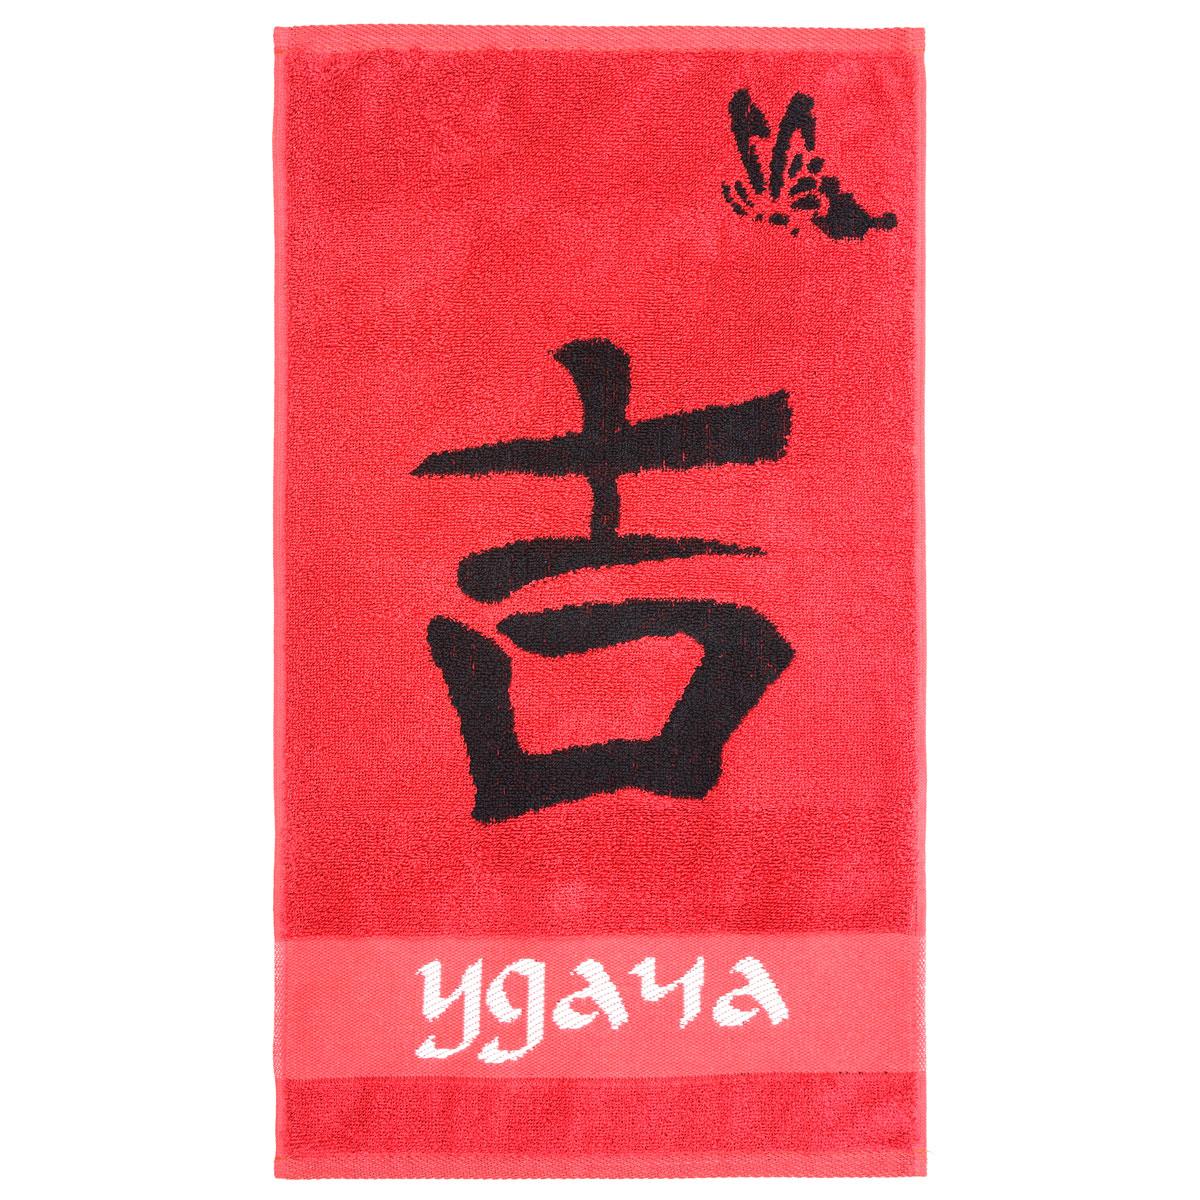 Полотенце Удача р. 30х60Махровые полотенца<br><br><br>Тип: Полотенце<br>Размер: 30х60<br>Материал: Махра